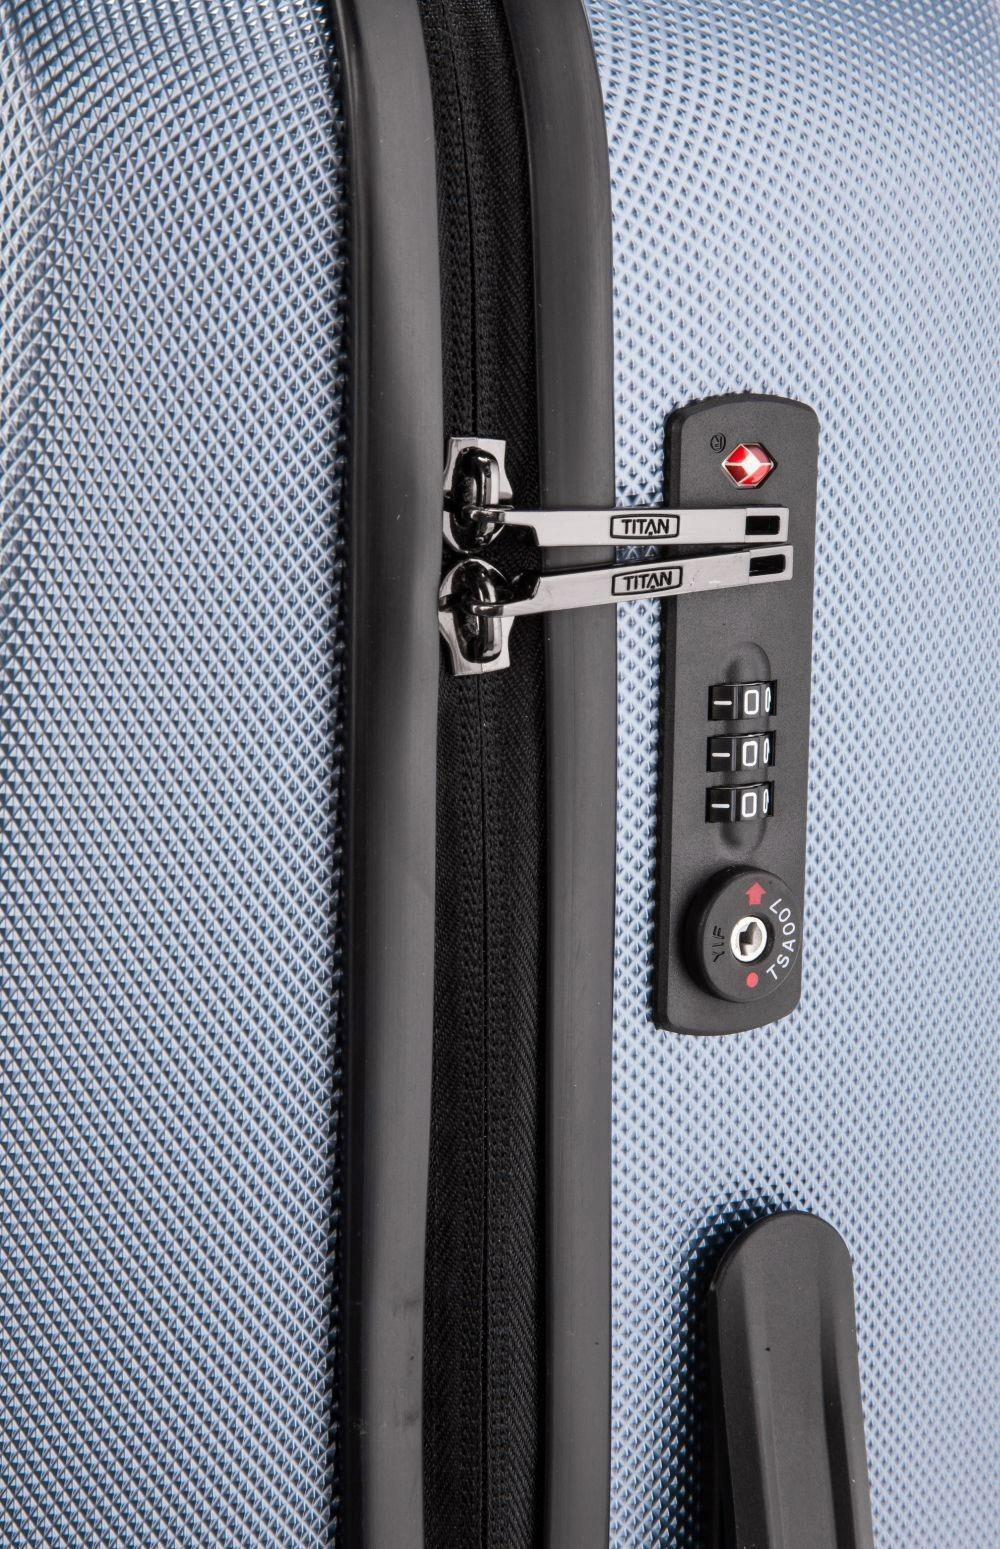 Titan Xenon M+ Blue Stone Cestovný kufor Xenon je nielen kvalitný a odolný, ale tiež vám bude štýlovým doplnkom na cestách.- hrubá povrchová úprava Shark Skin- povrch je odolný voči poškriabaniu- štyri komfortné dvojkolieska otočné o 360°- integrovaný TSA zámok je vhodný nielen pre cesty do USA- ergonomické silikónové držadlo- hliníková rukoväť s aretáciou- integrovaná deliaca priečka na zips- dve vrecká na zips na deliacej priečke